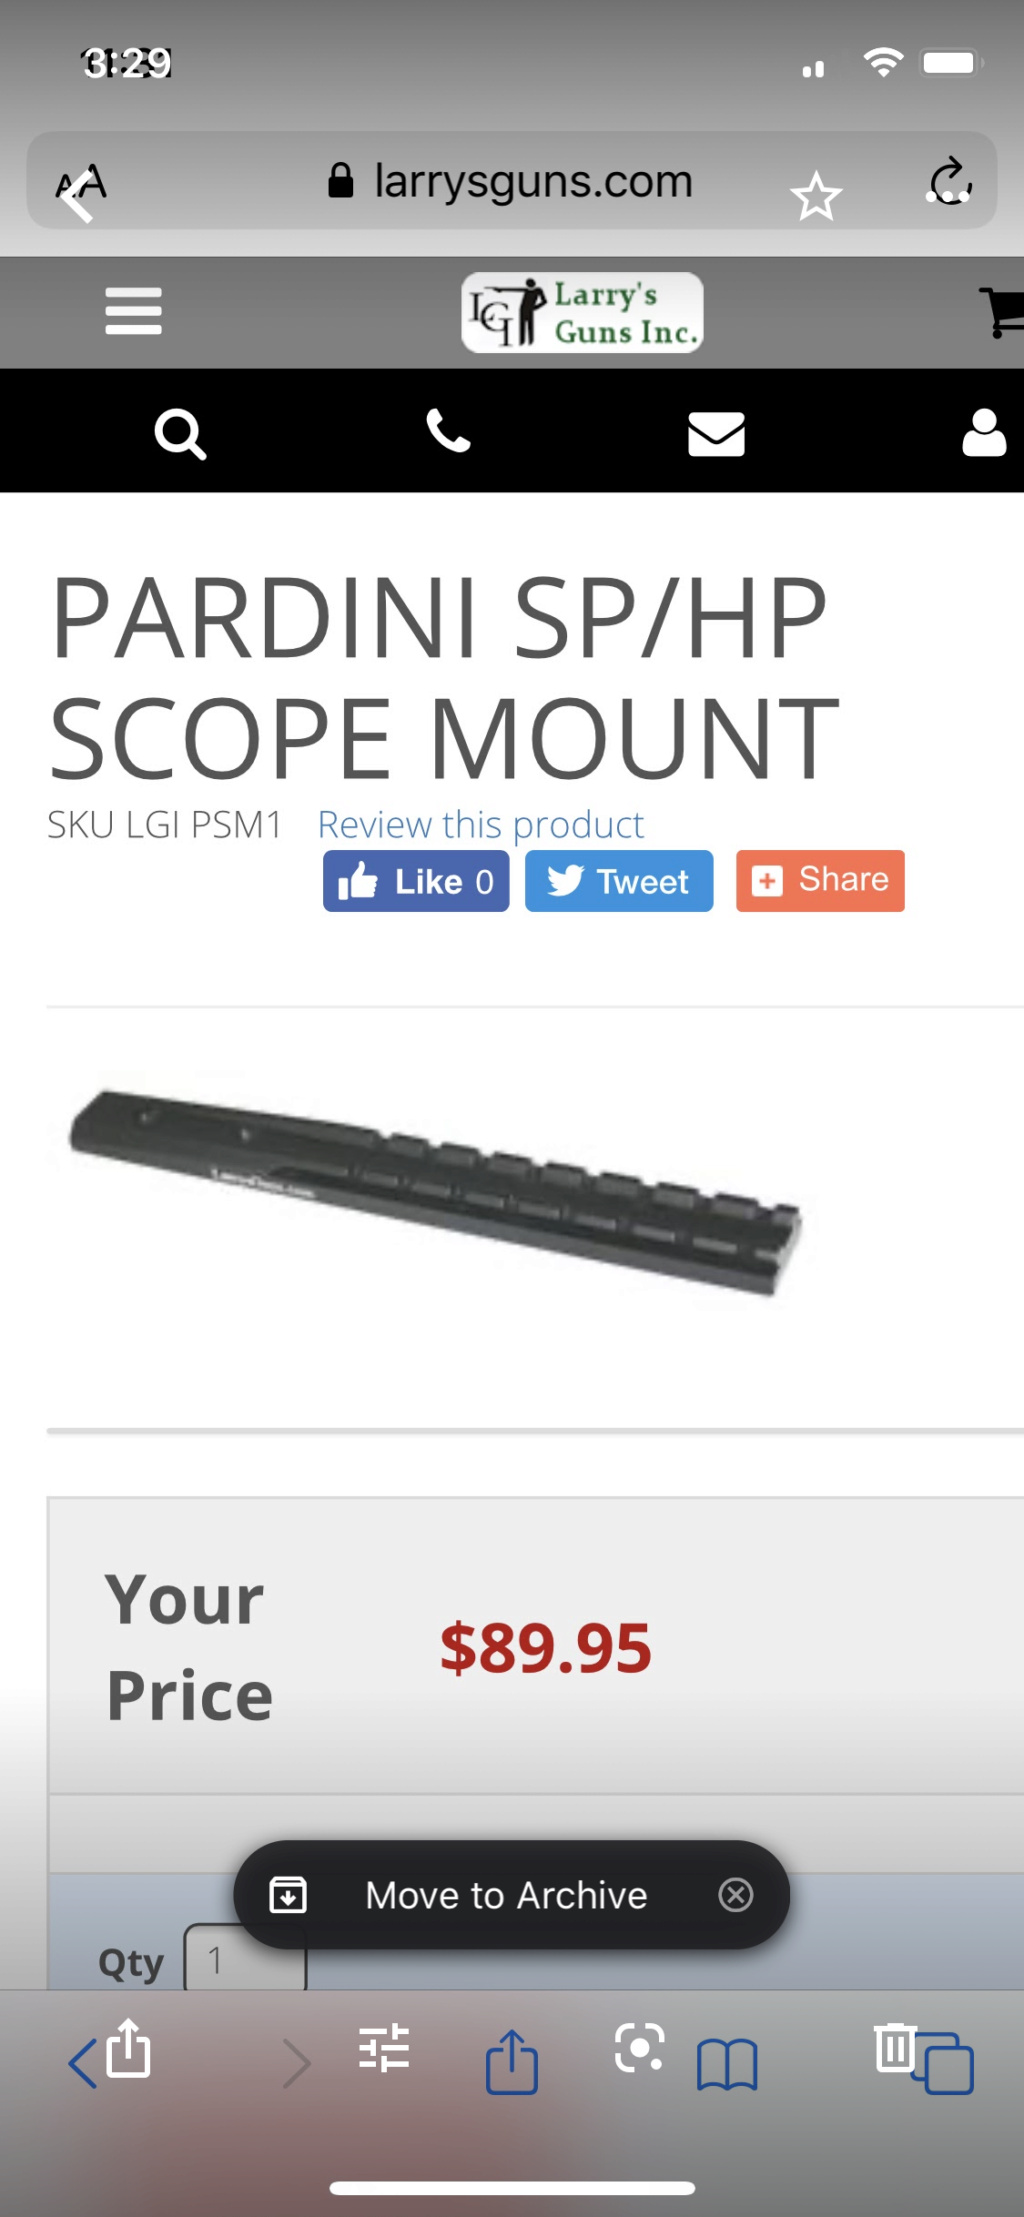 Pardini SP Scope Mount Sledge Cal. 22 LR 062f3a10